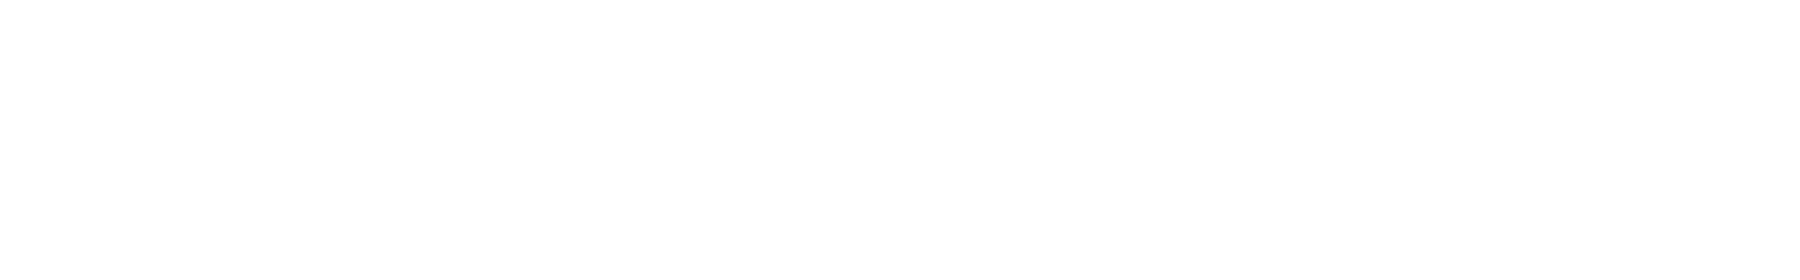 ps480 b7